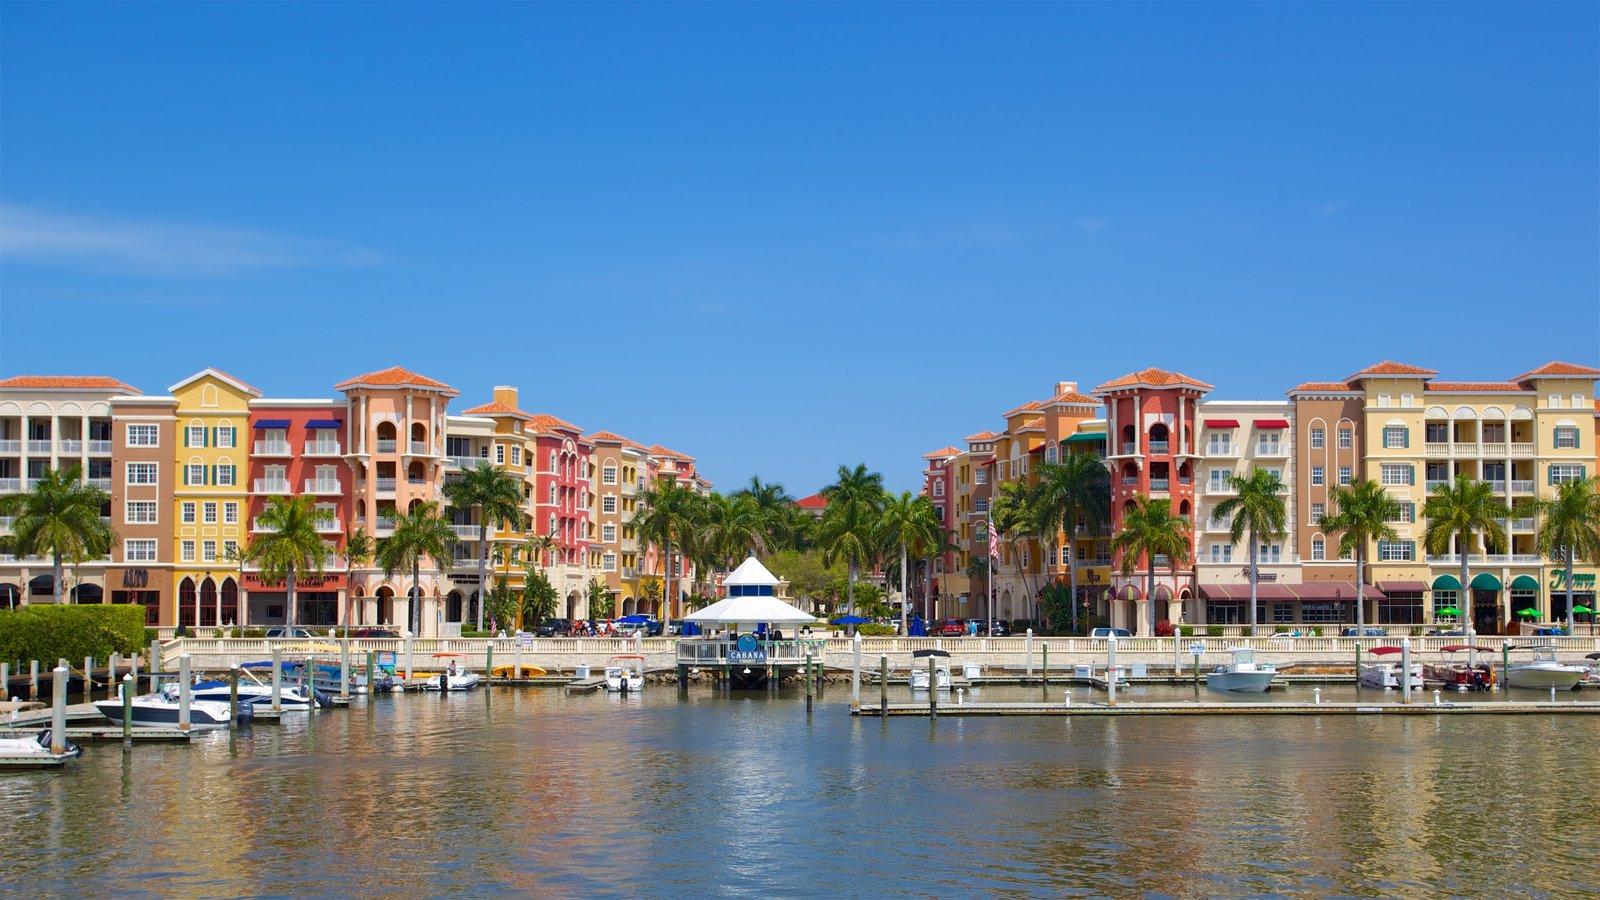 Sul da Flórida mostrando uma marina, uma cidade litorânea e uma baía ou porto